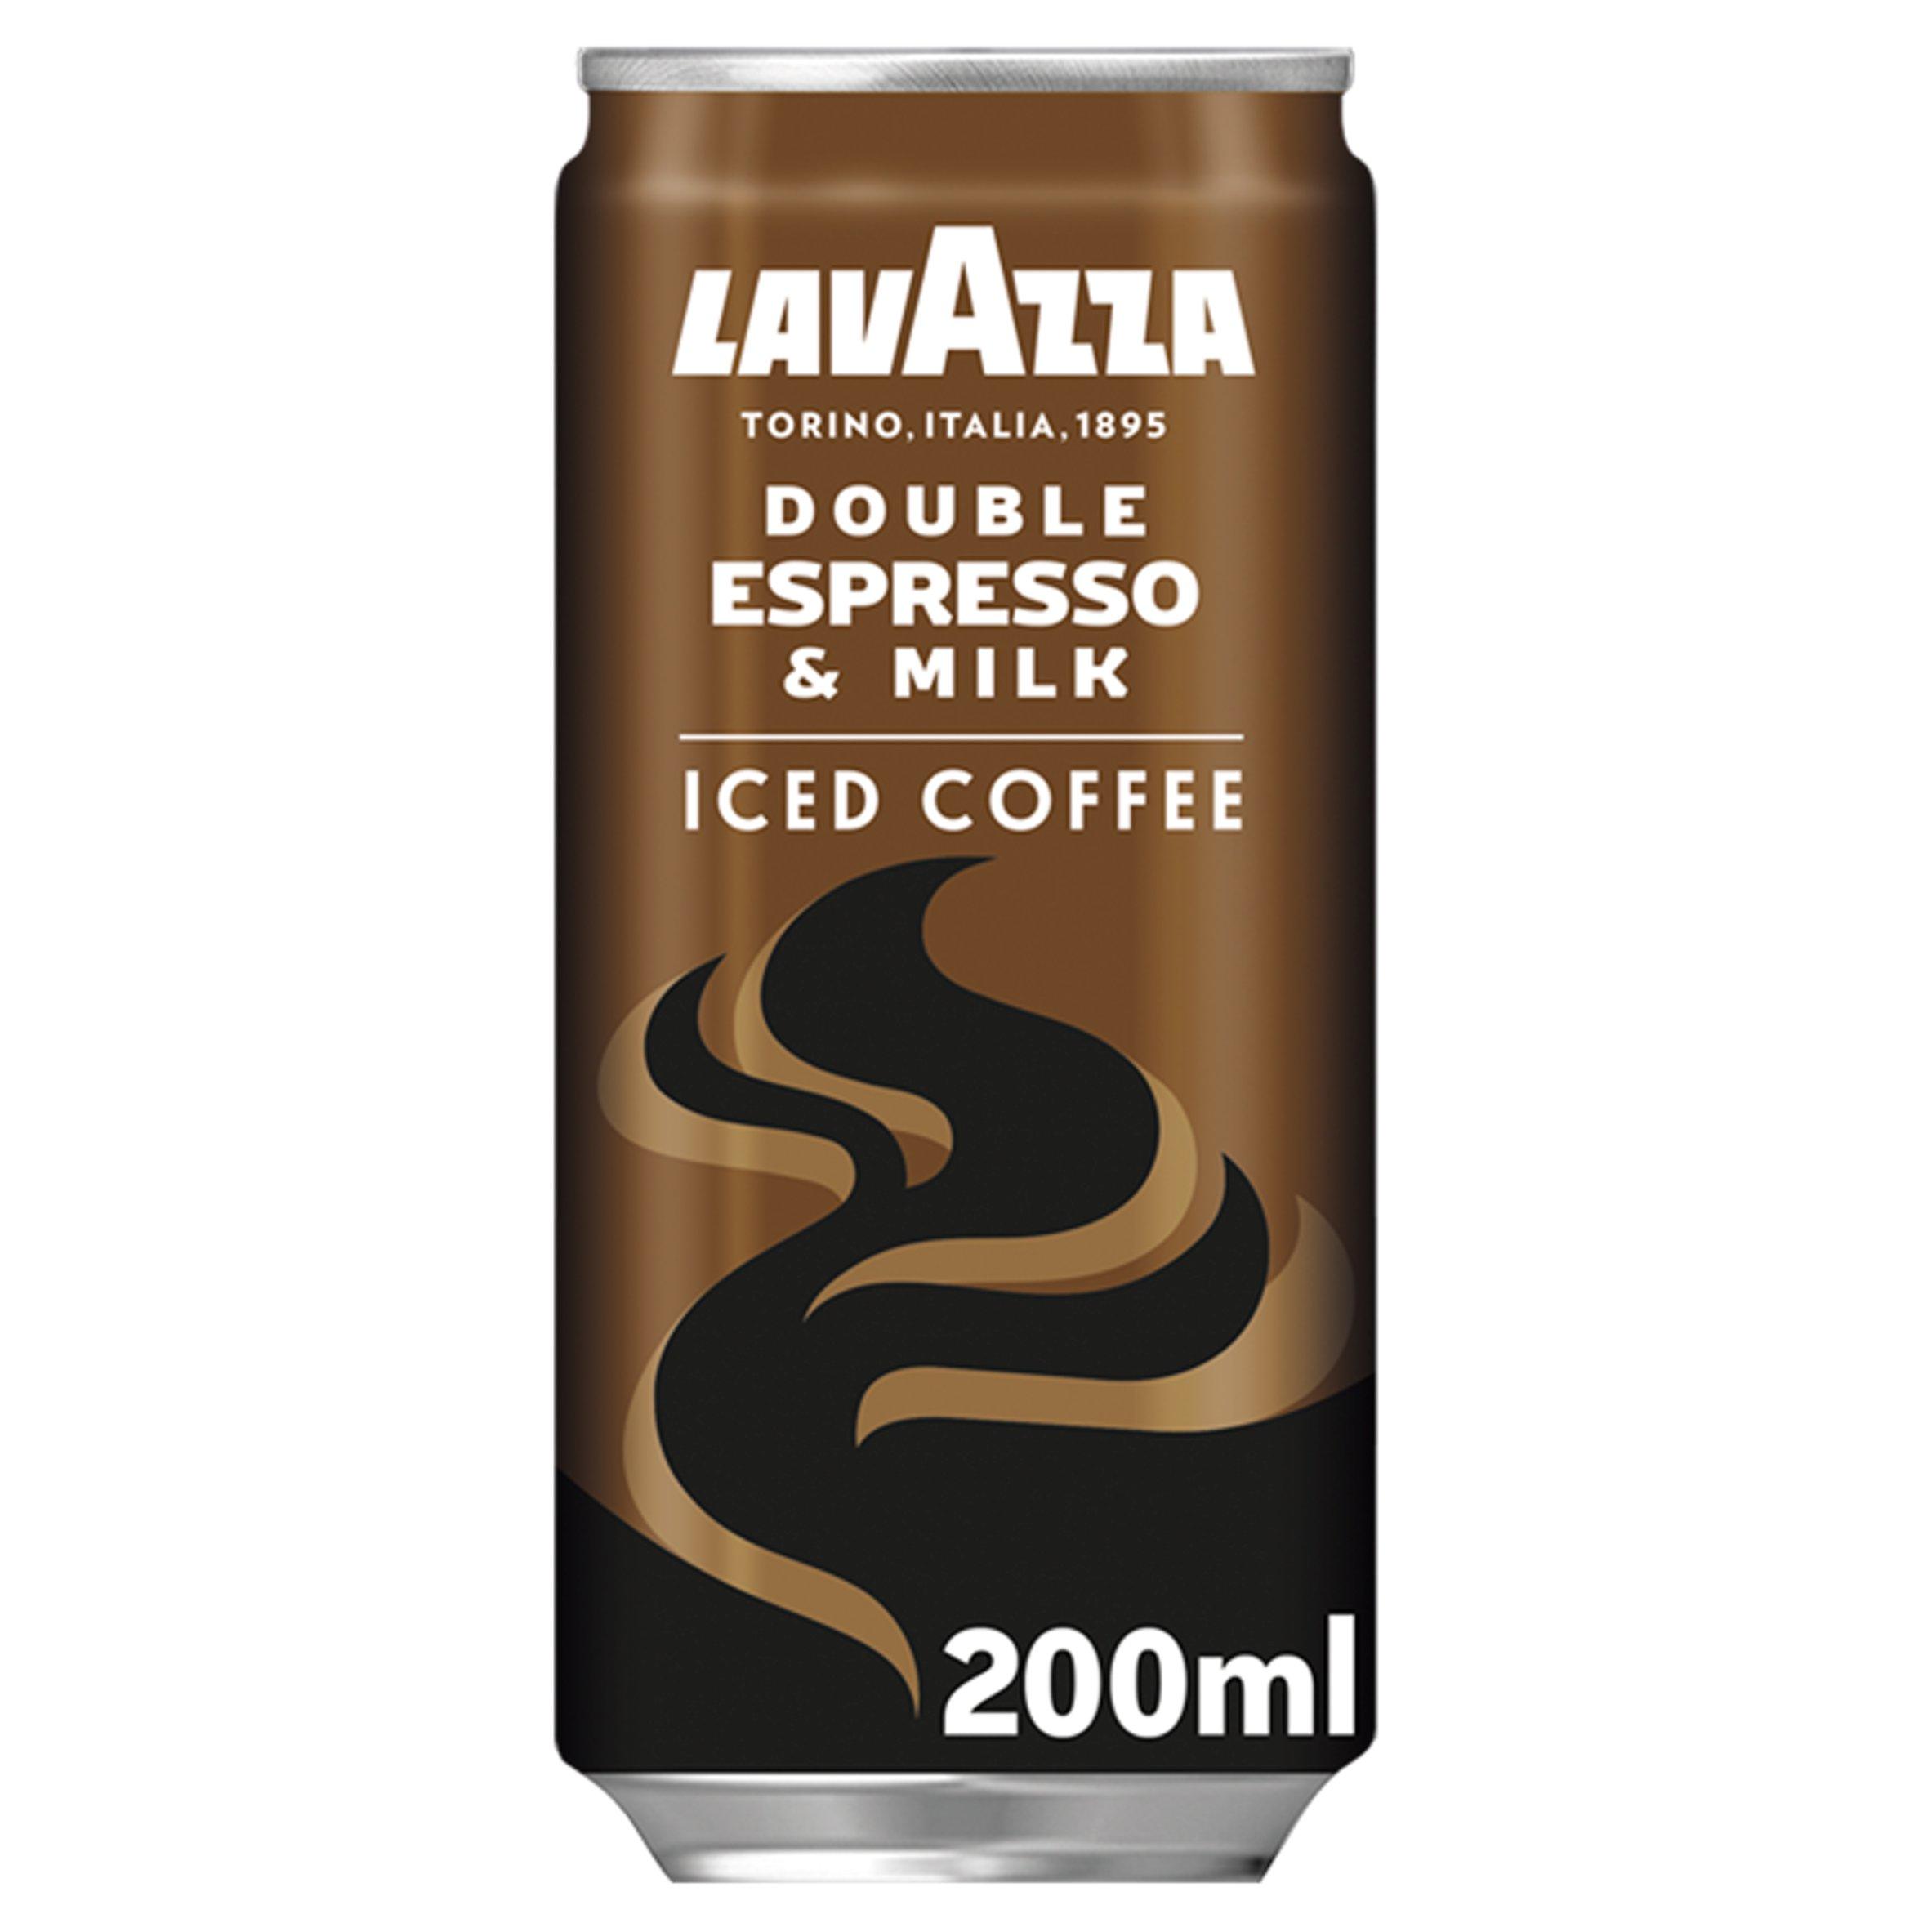 Lavazza Iced Coffee Double Espresso 200Ml